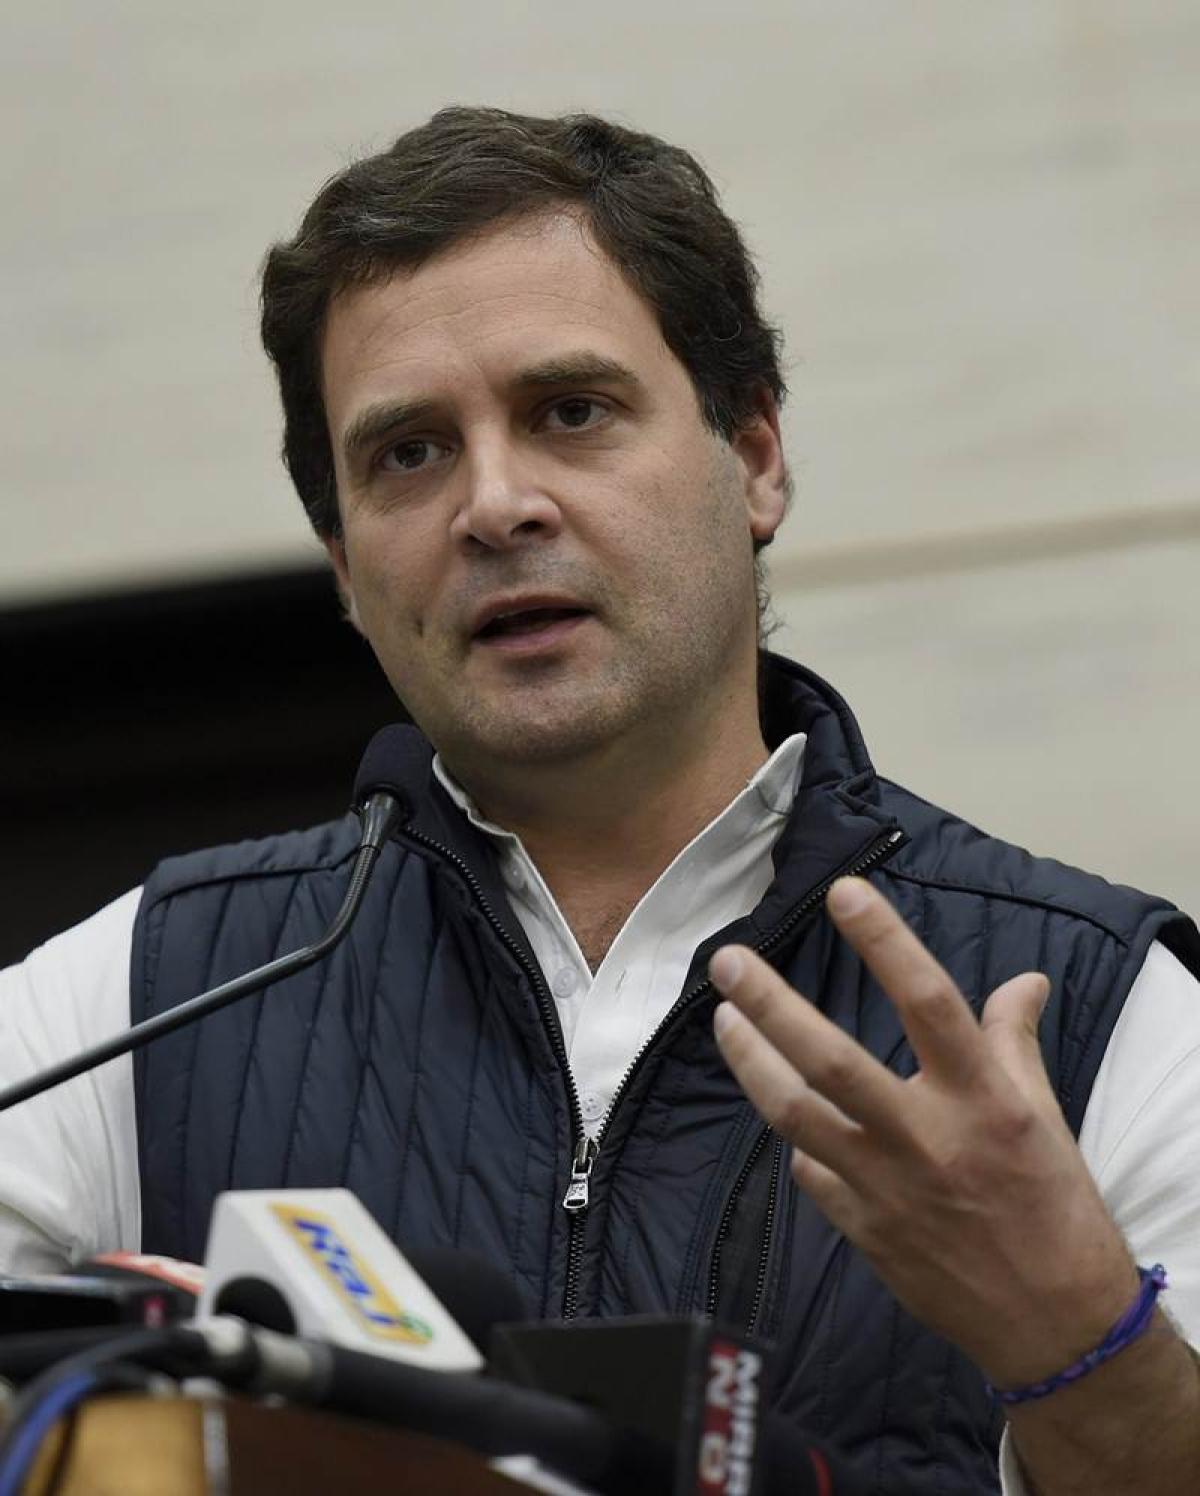 Rahul's dig at collapsing judiciary